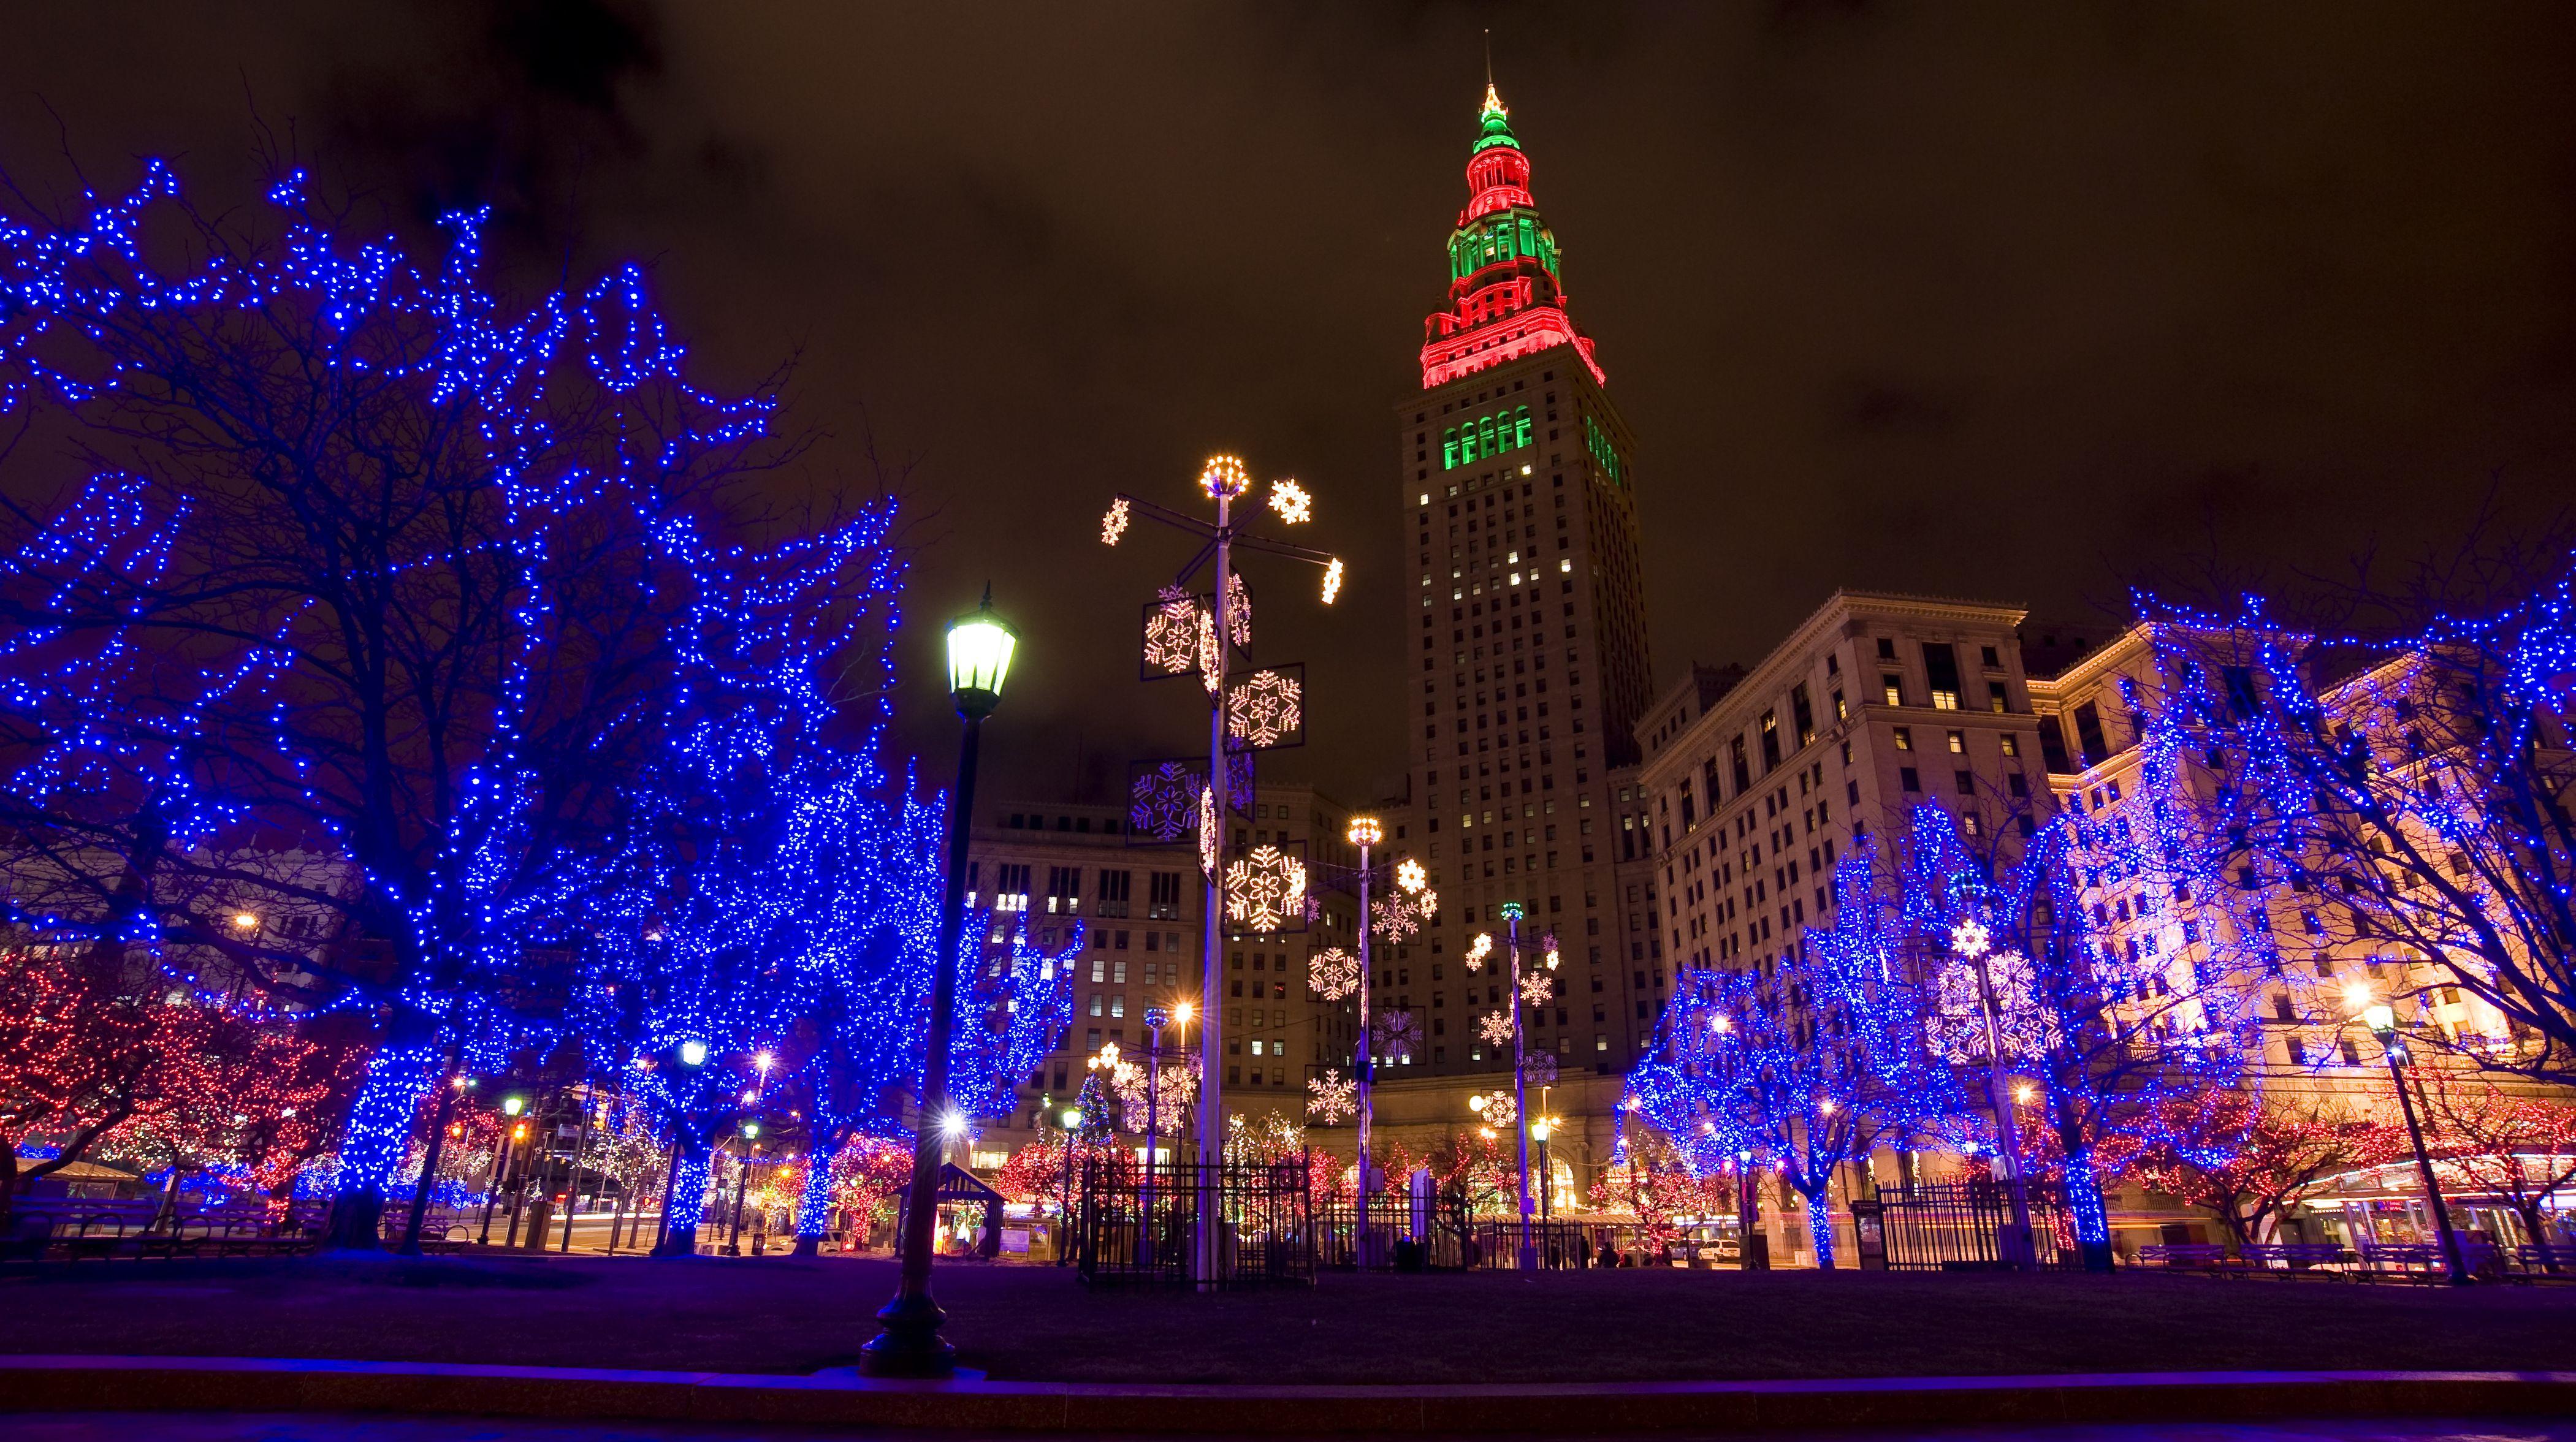 Christmas Lights 2020 Ohio Public Square Cleveland Ohio Christmas Lights 2020 | Ybvyur